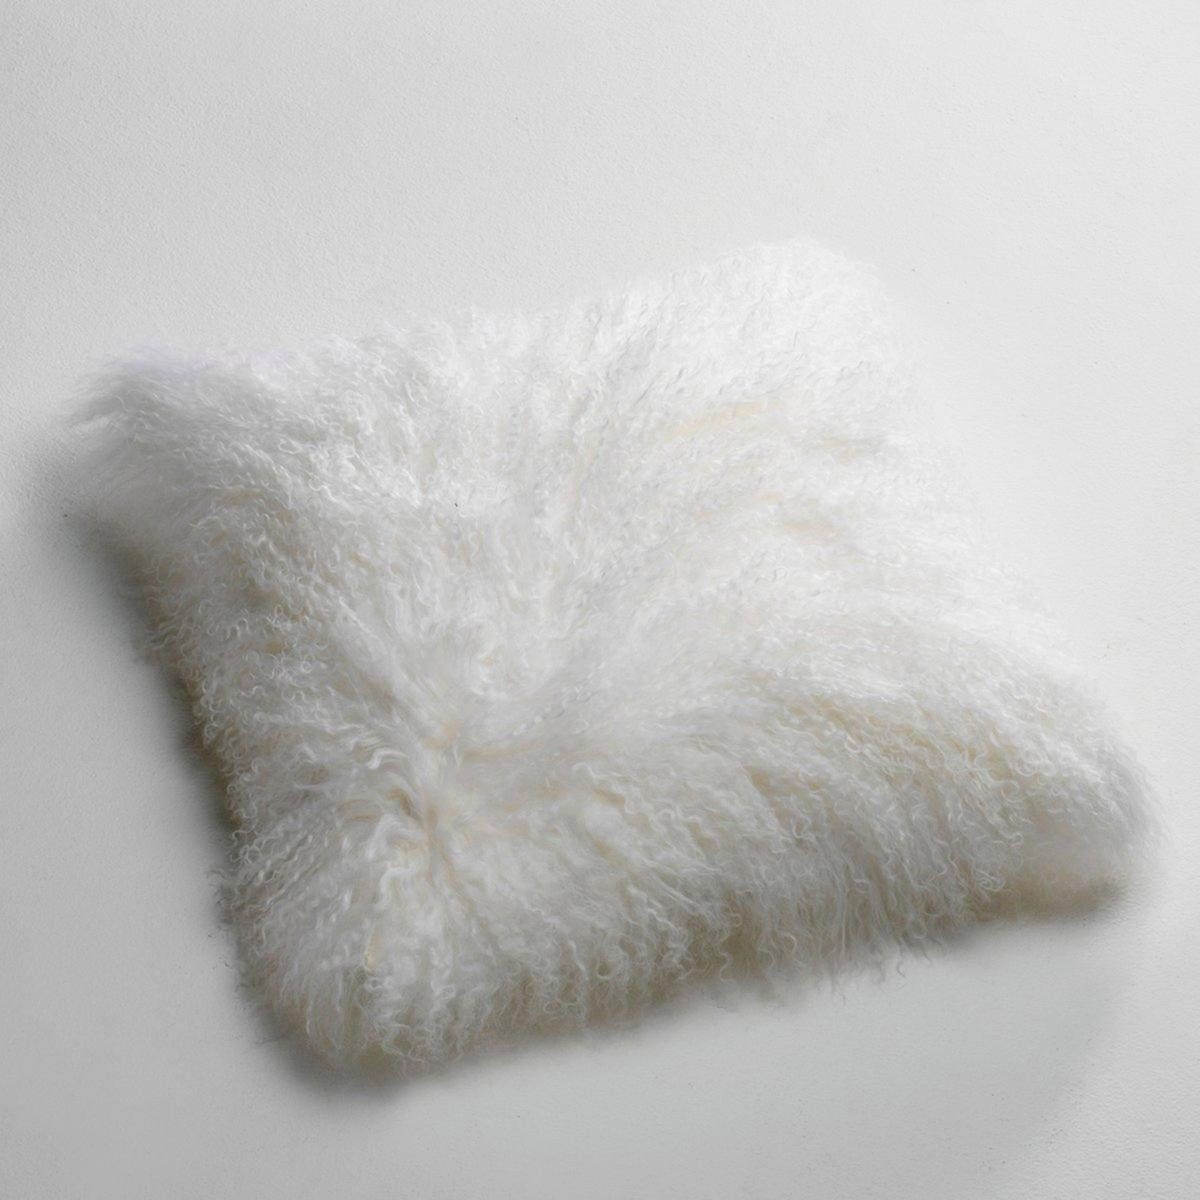 Чехол для подушки REDOUTE CREATION<br><br>Цвет: белый,желтый горчичный,светло-розовый,сине-зеленый,синий морской<br>Размер: 40 x 40  см.40 x 40  см